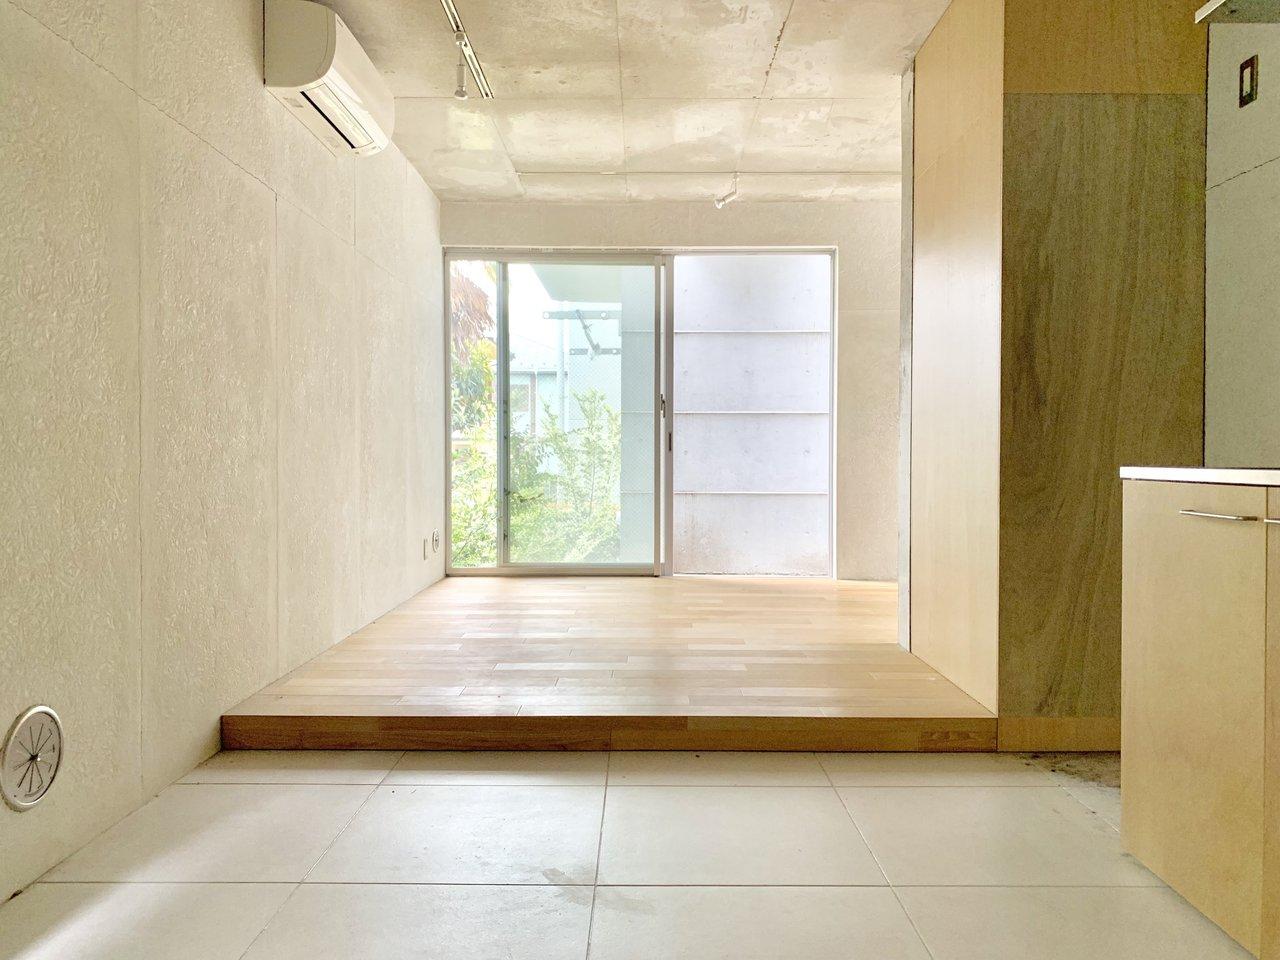 めっちゃかっこいい部屋だな!と思ったら、グッドデザイン賞受賞してました。どうりで。打ちっ放しの質感と、窓から見える中庭のグリーンのコントラストが美しいです